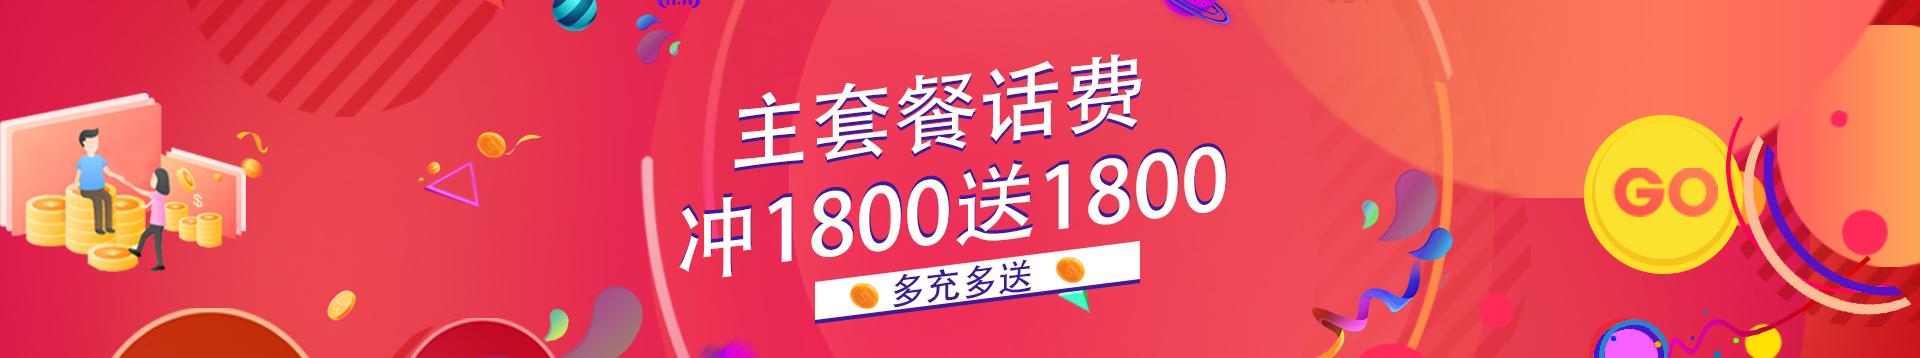 400电话办理优惠活动